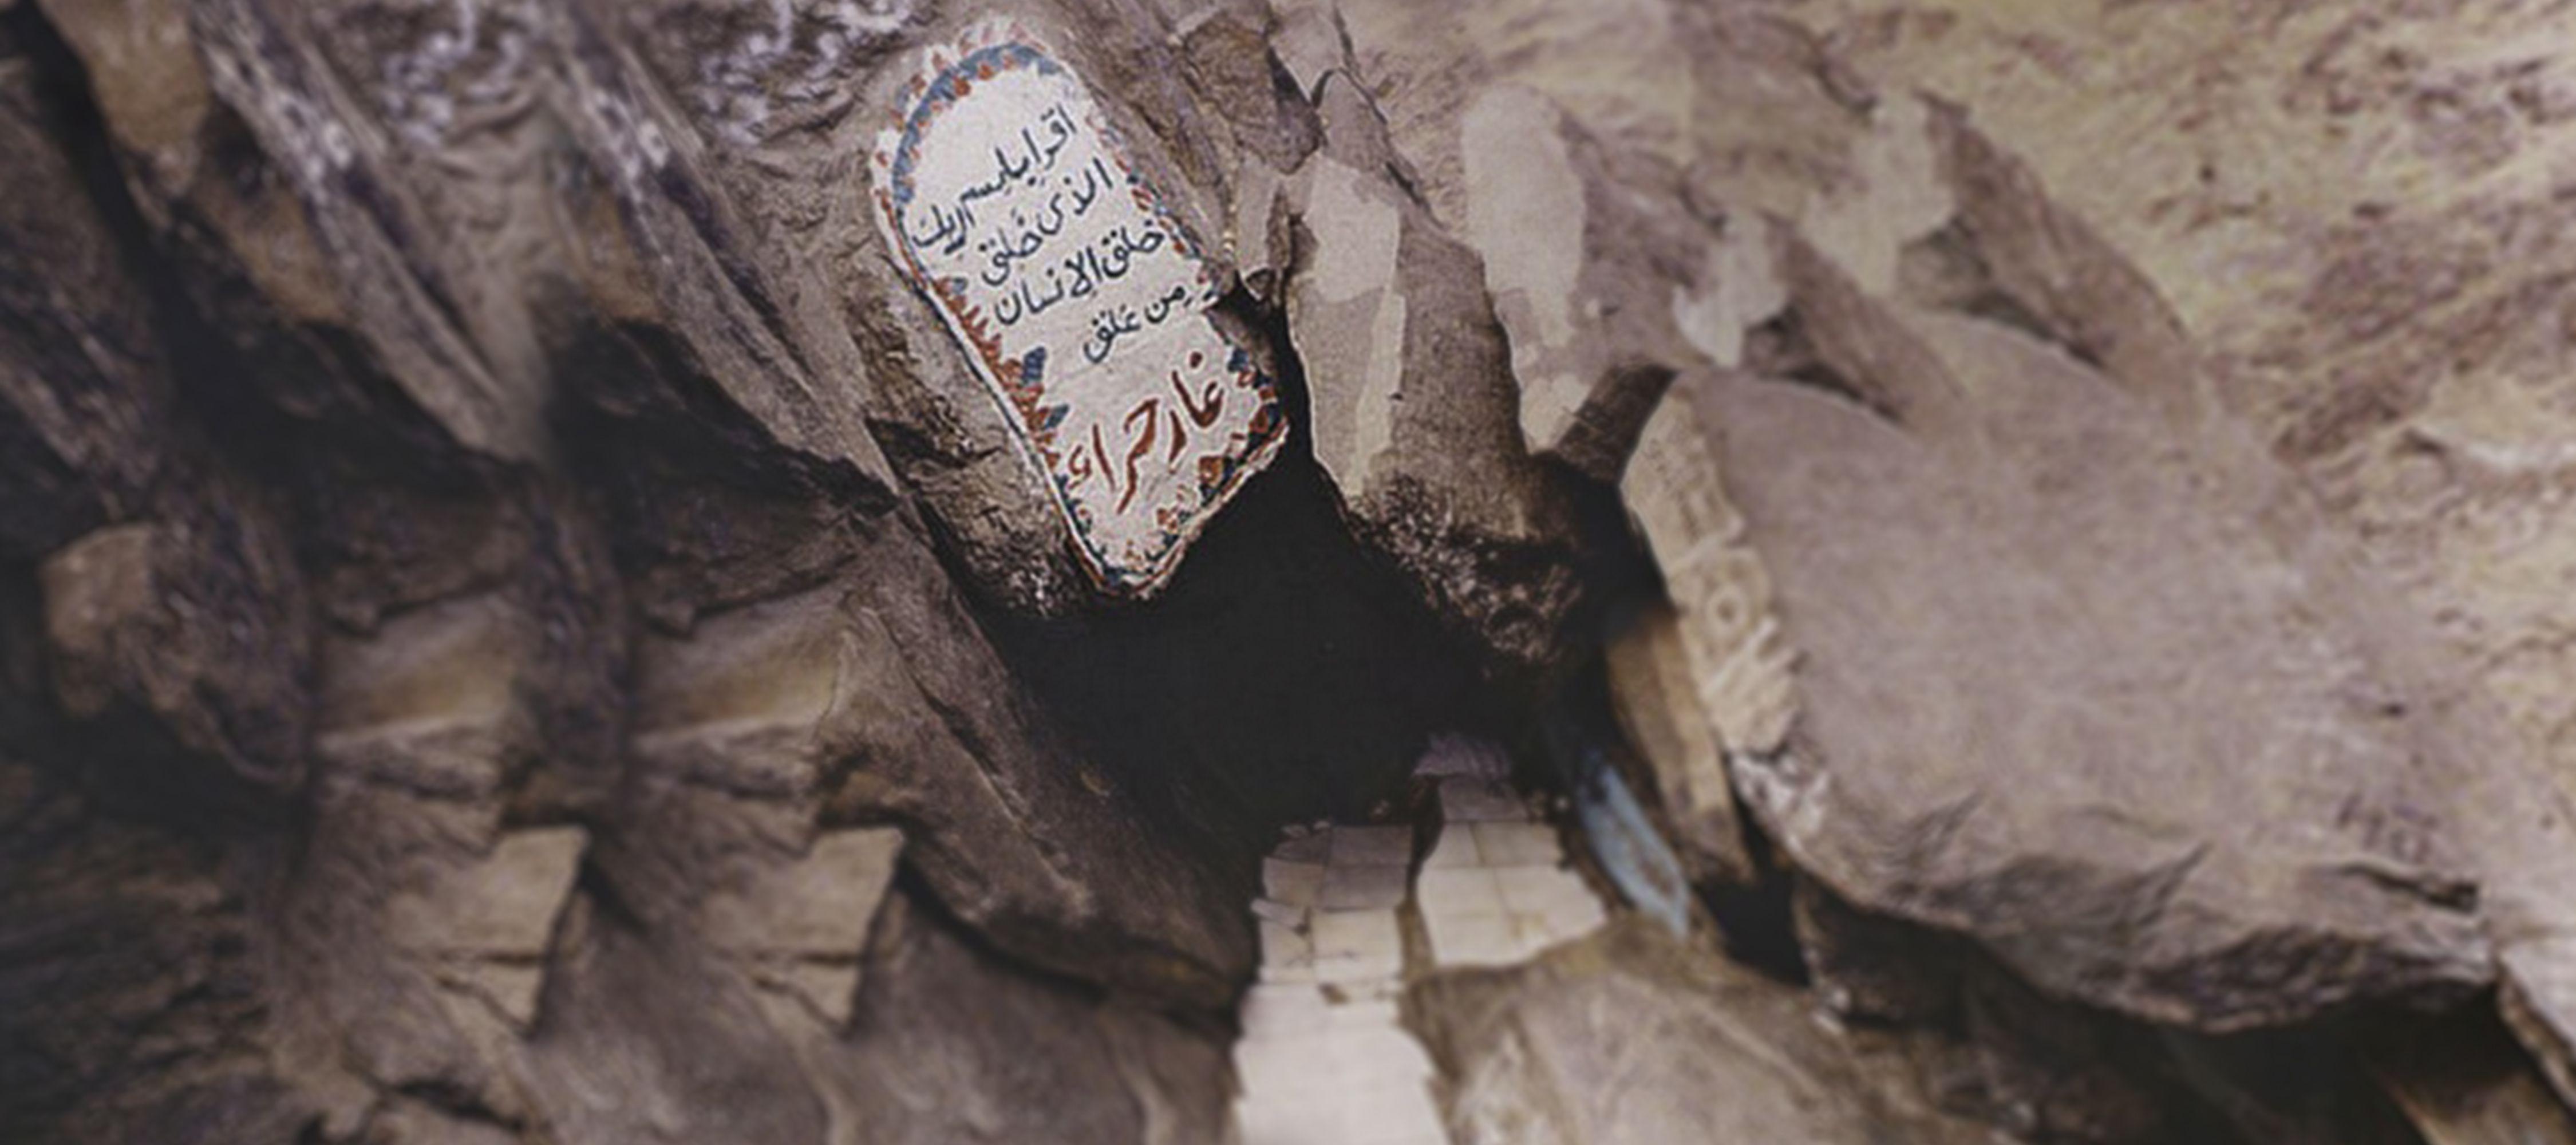 غار حرا, مبعث رسول اکرم